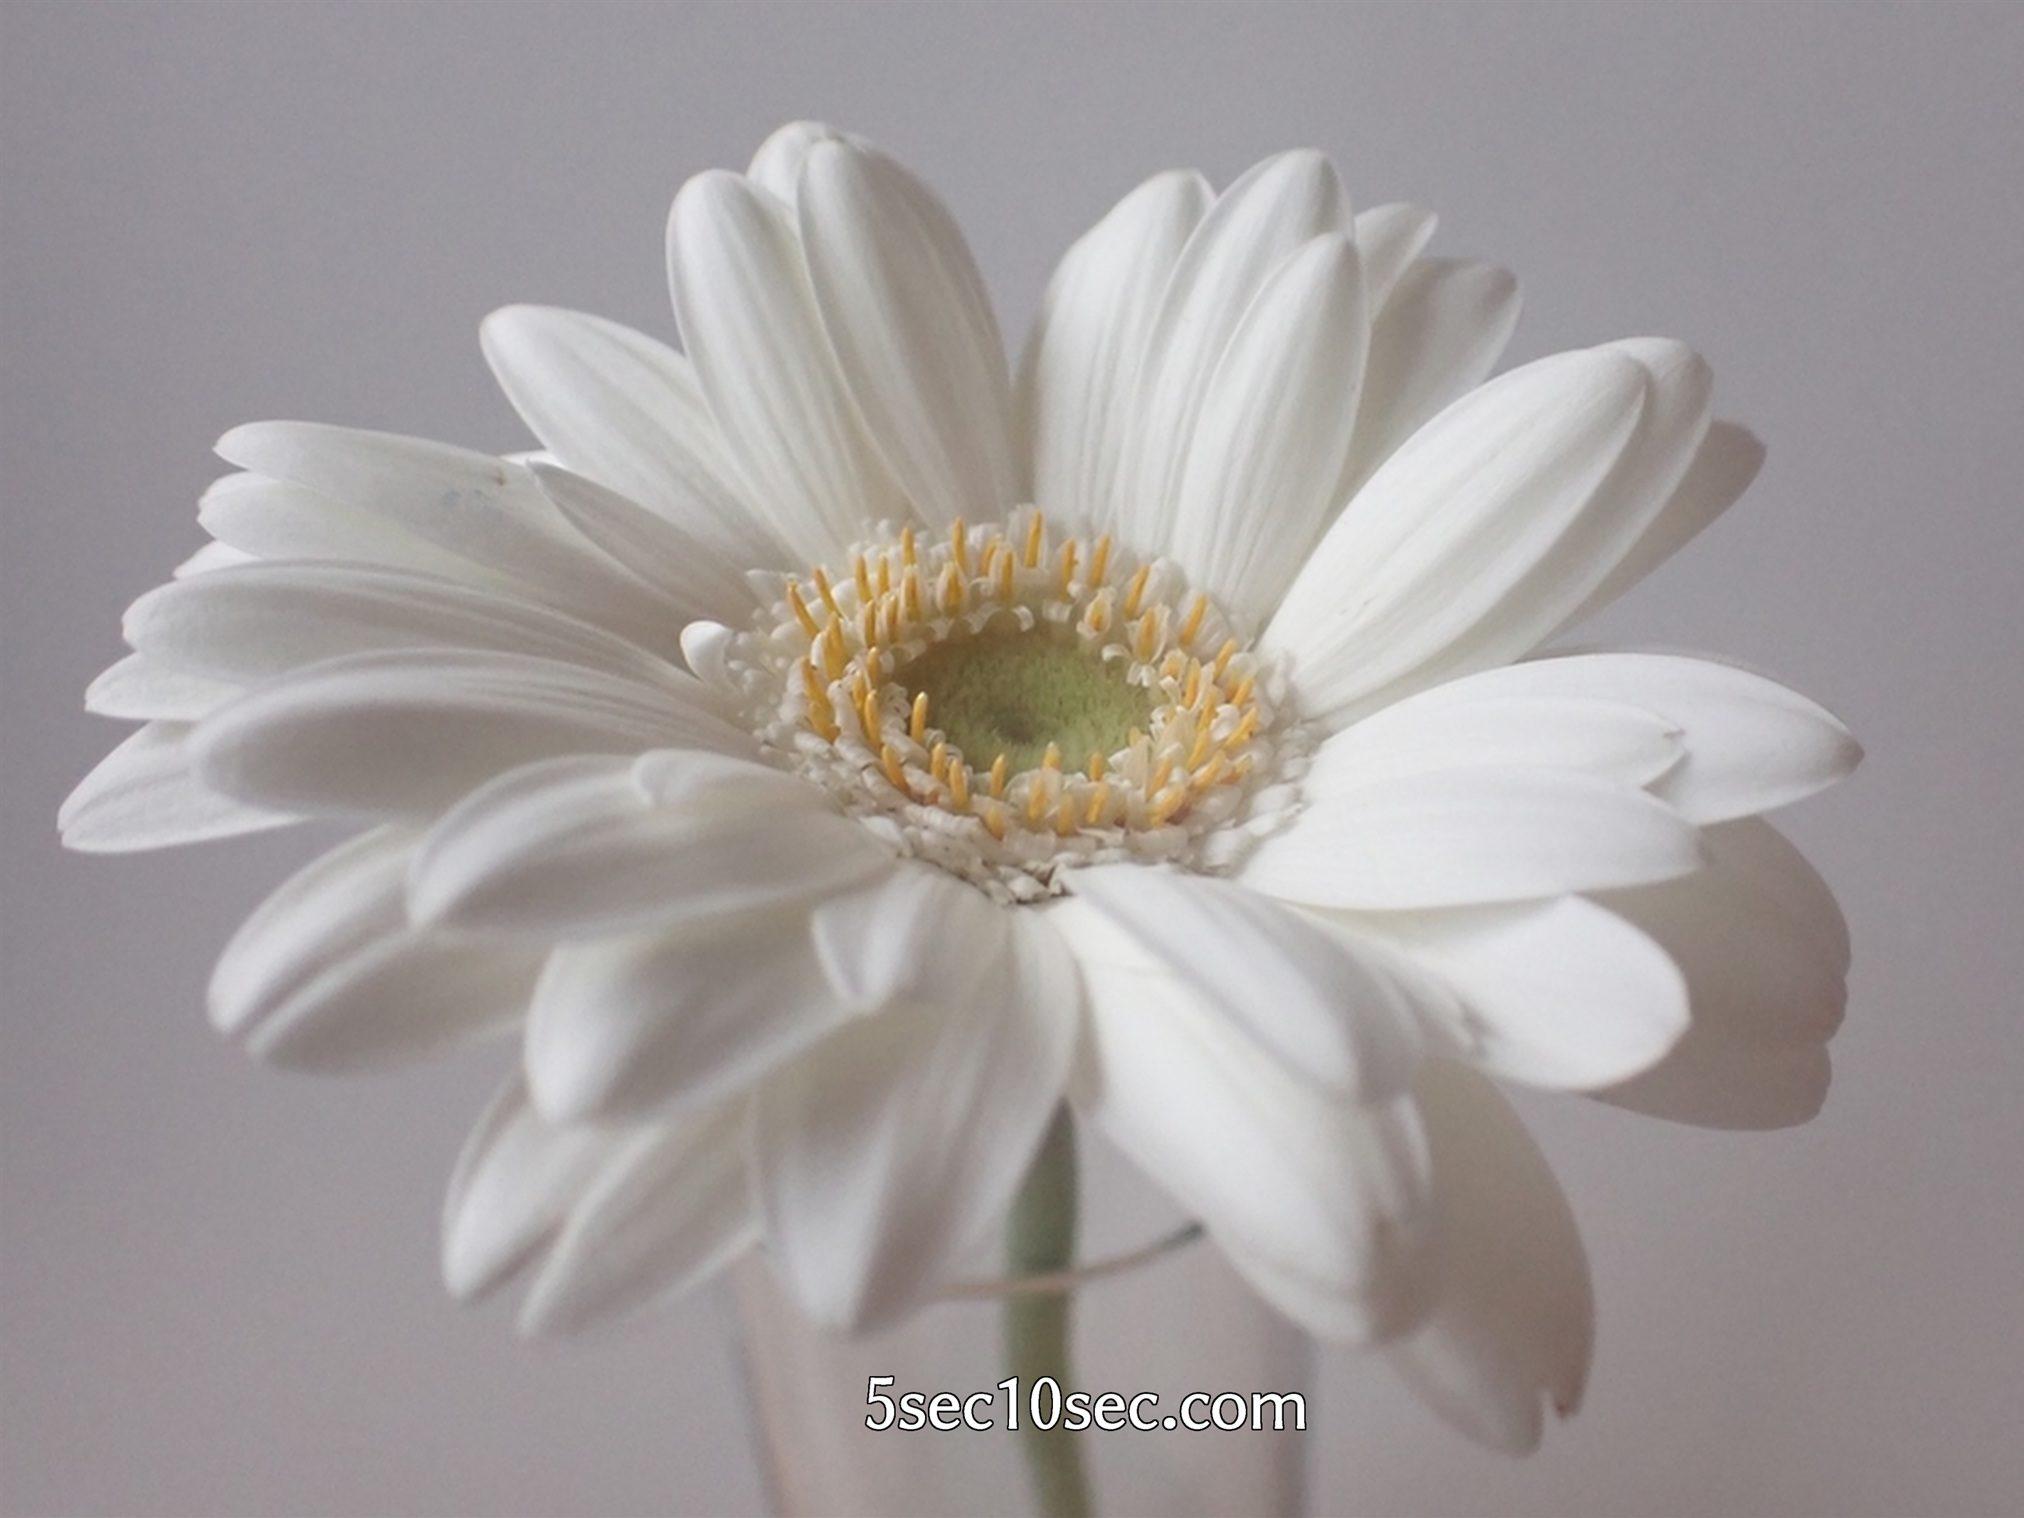 株式会社Crunch Style お花の定期便 Bloomee LIFE ブルーミーライフ 800円のレギュラープラン ガーベラの写真